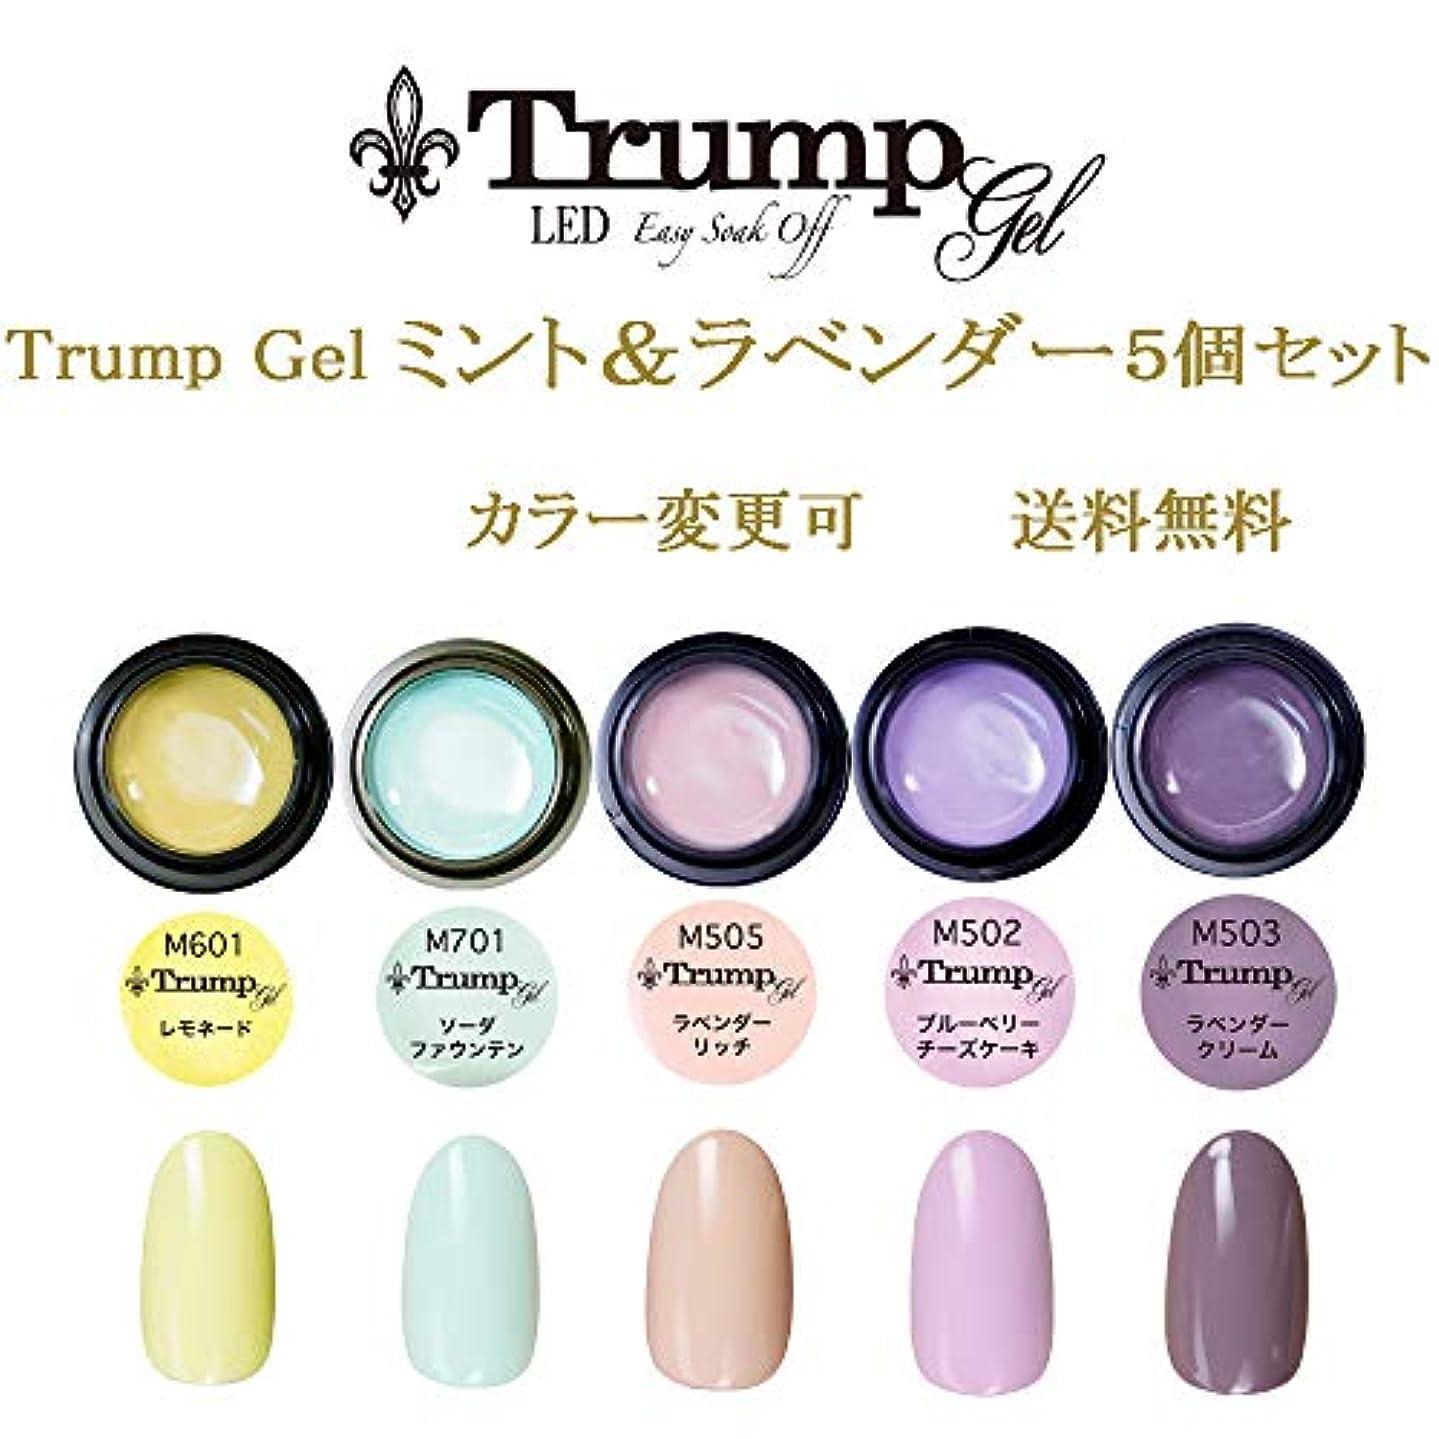 寮意見パット【送料無料】日本製 Trump gel トランプジェル ミント&ラベンダー 選べる カラージェル 5個セット ラベンダー ベージュ ミントカラー